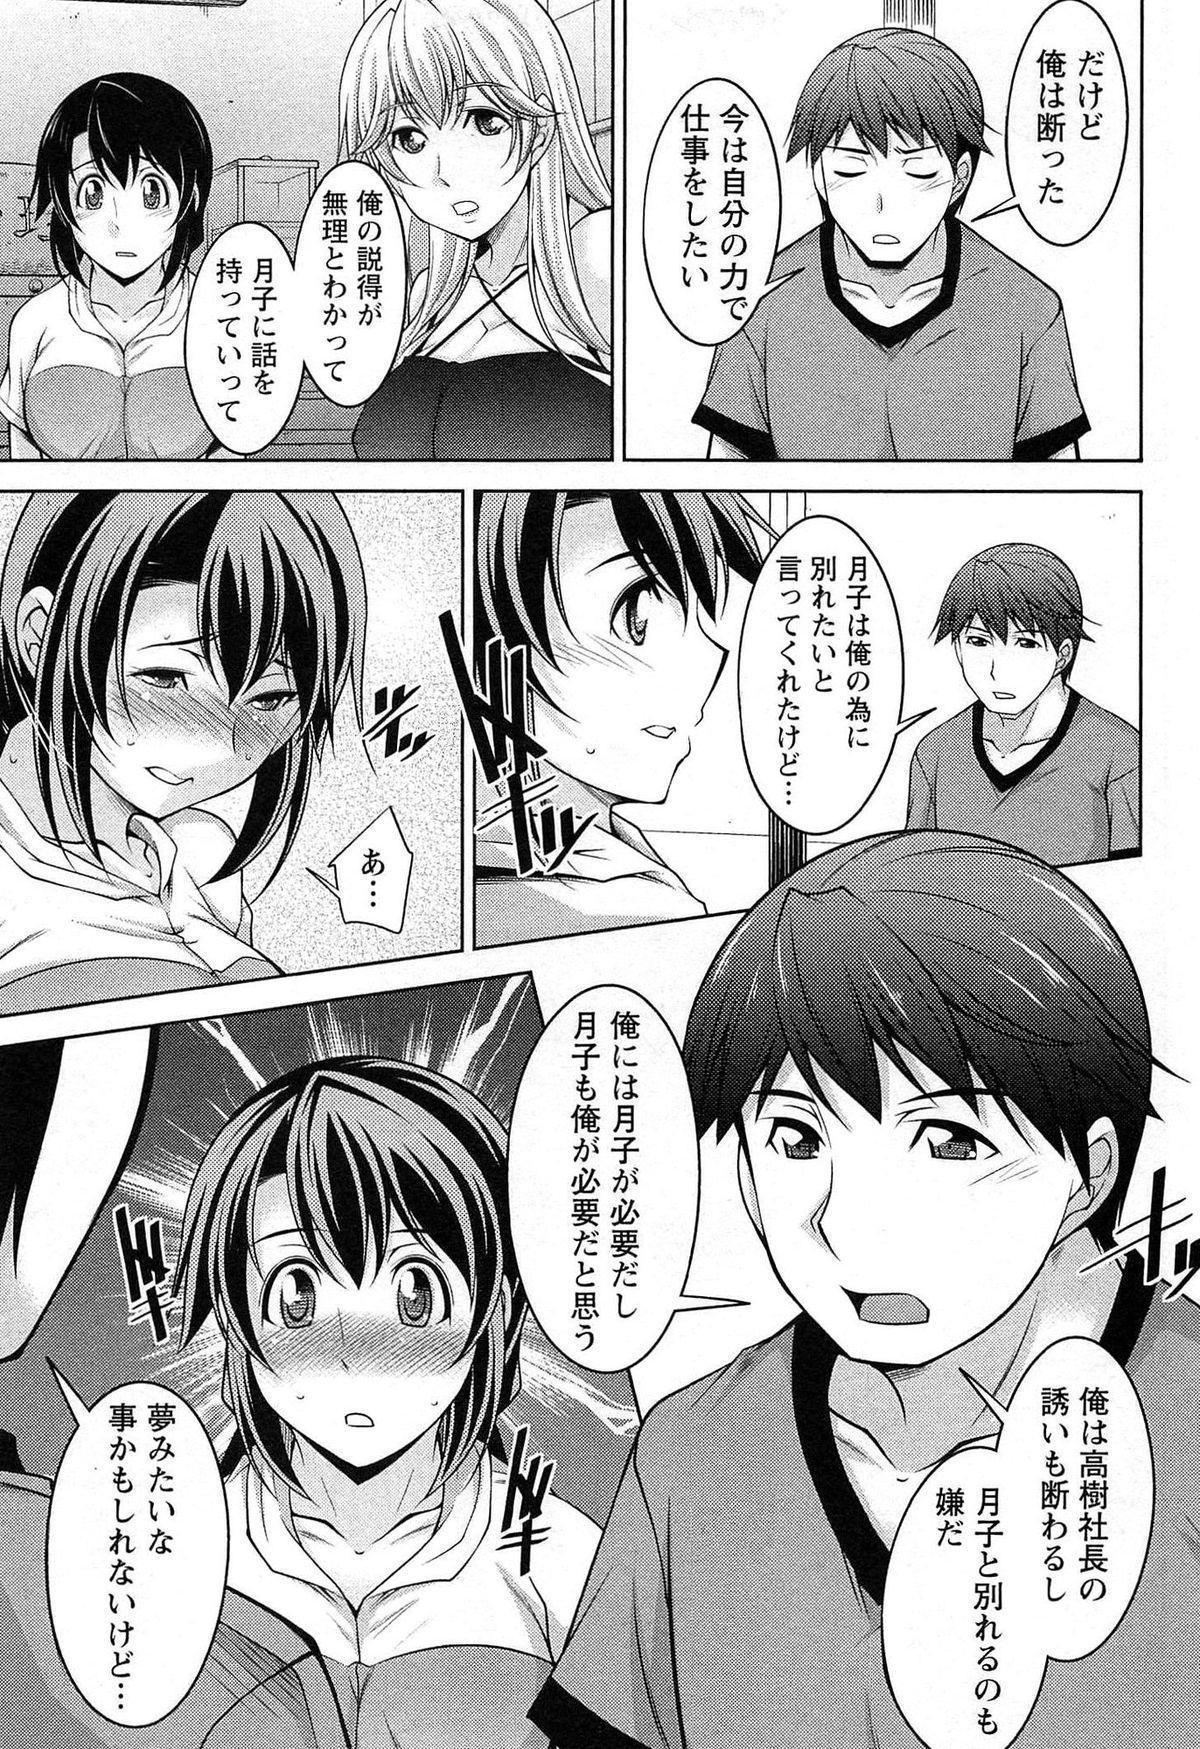 [zen9] Tsuki-wo Ai-Shite - Tsuki-ni Koi-shite 2 161